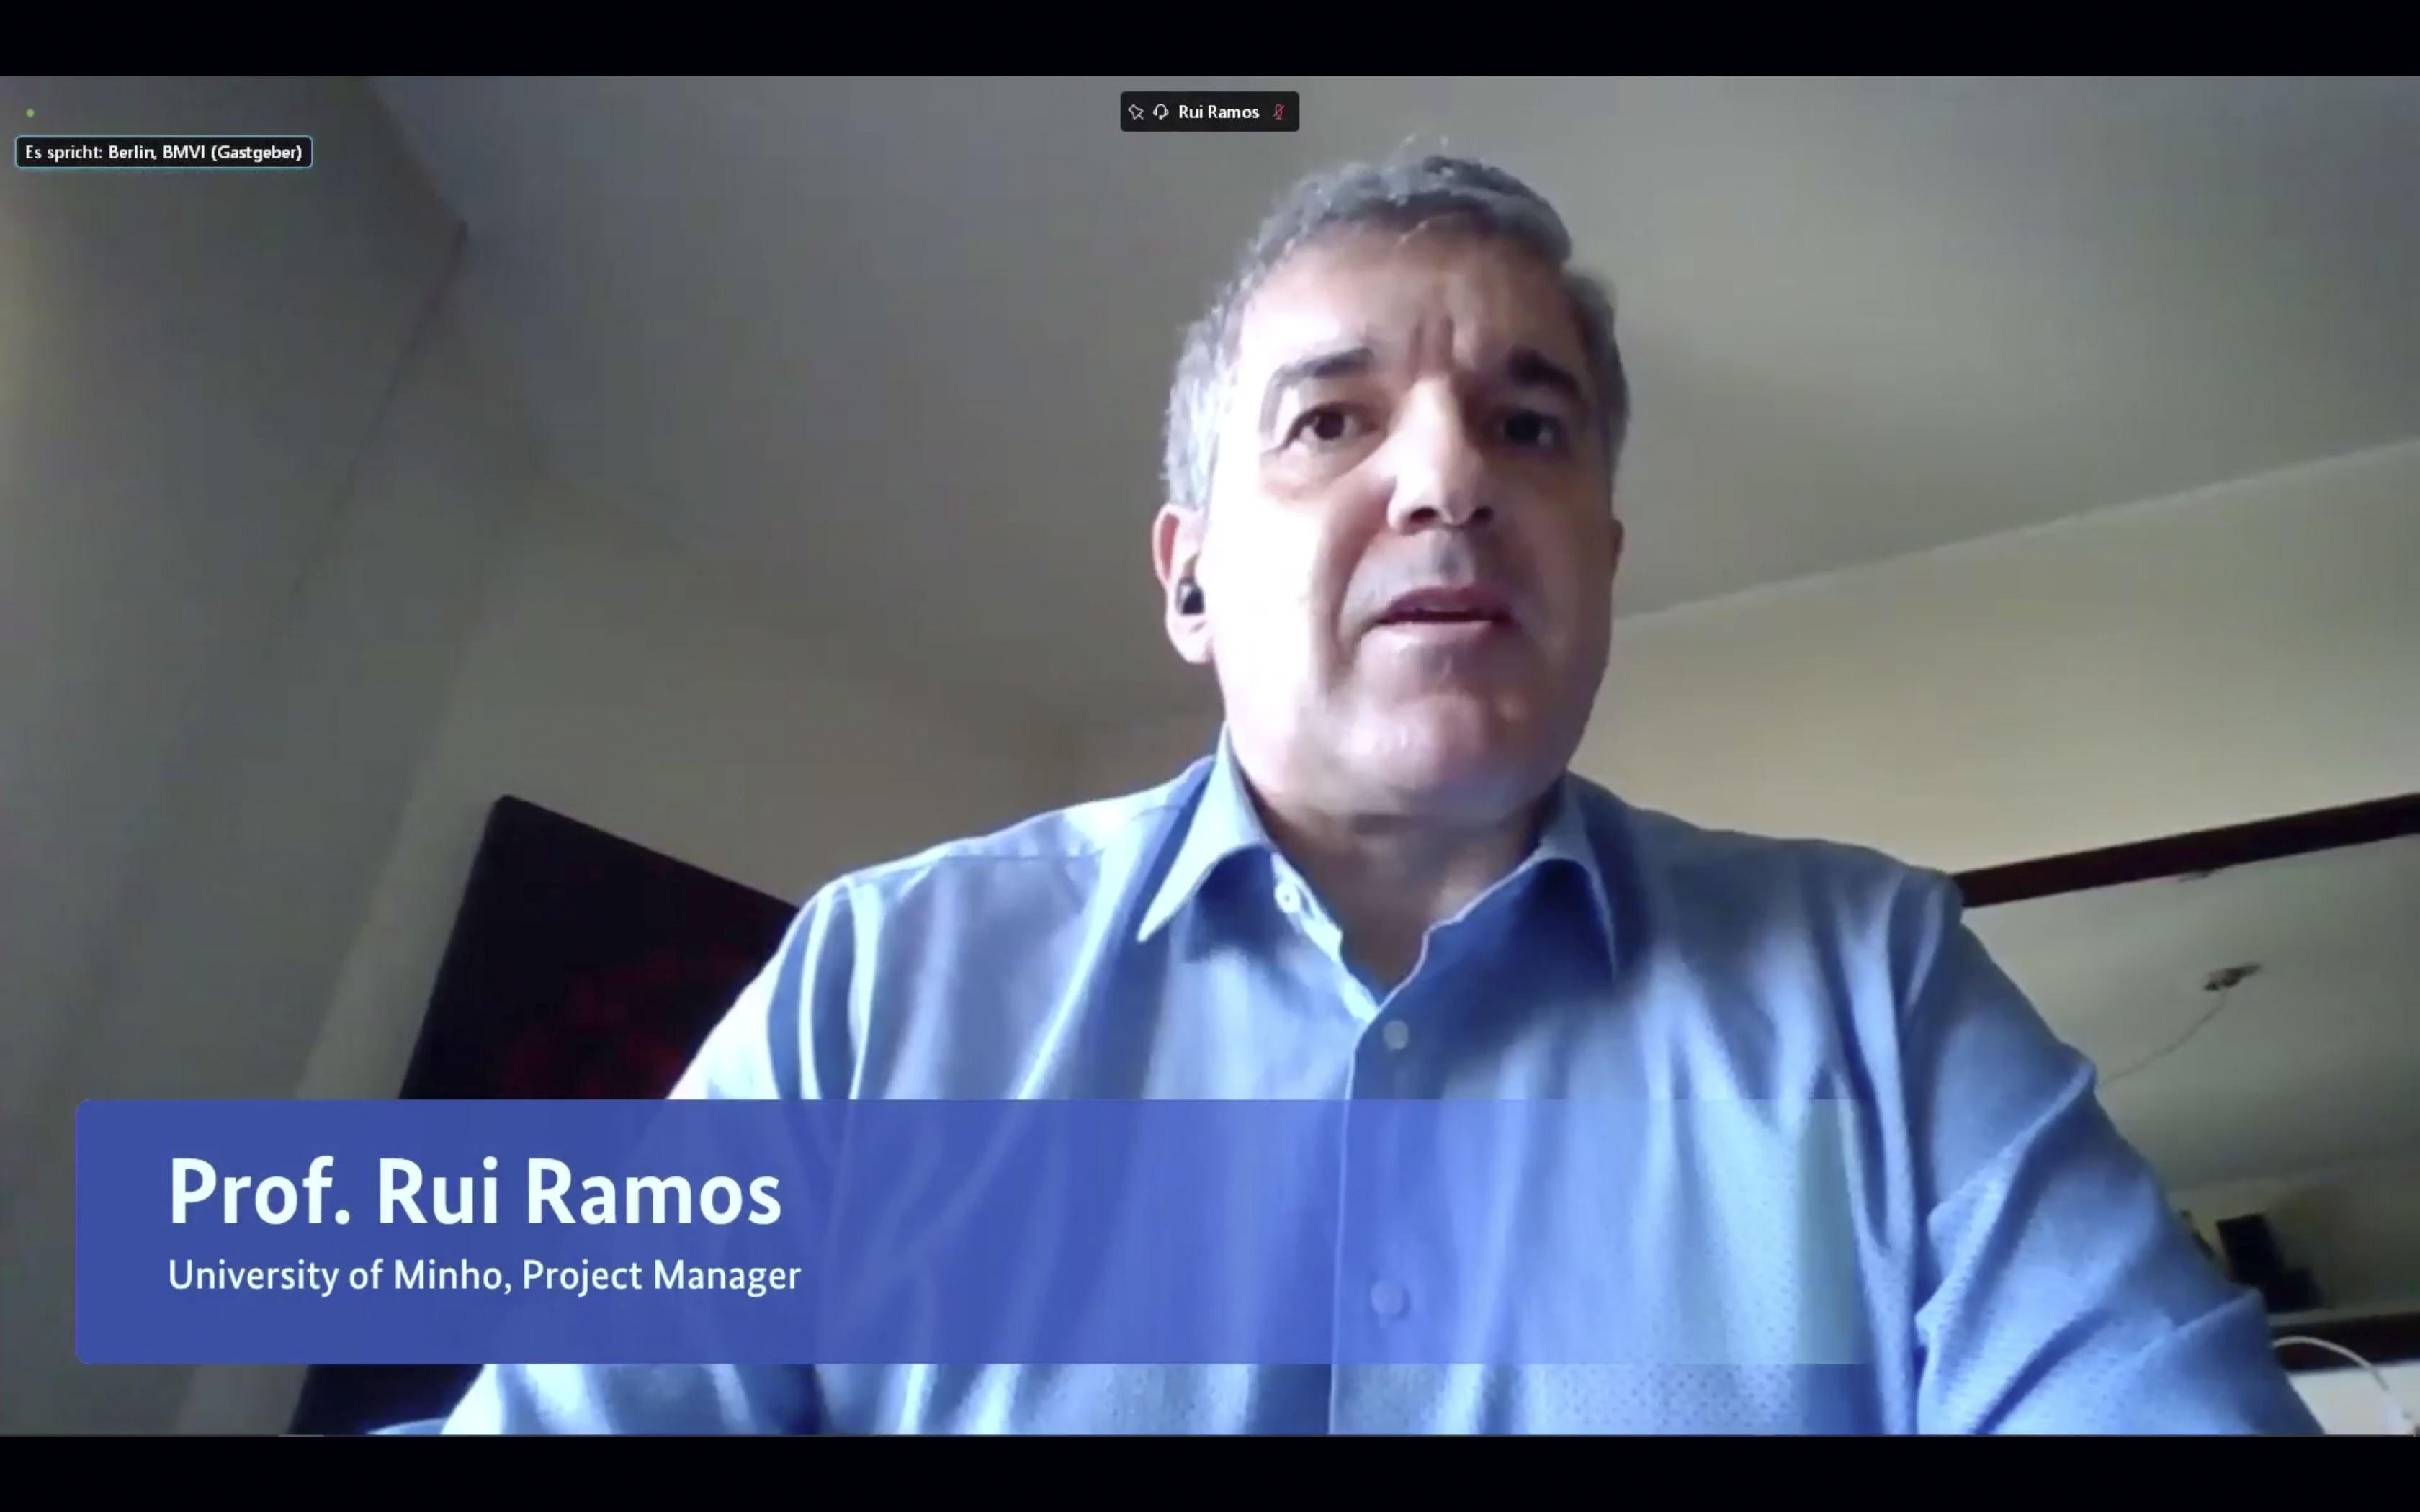 Rui Ramos von der Universität Minho